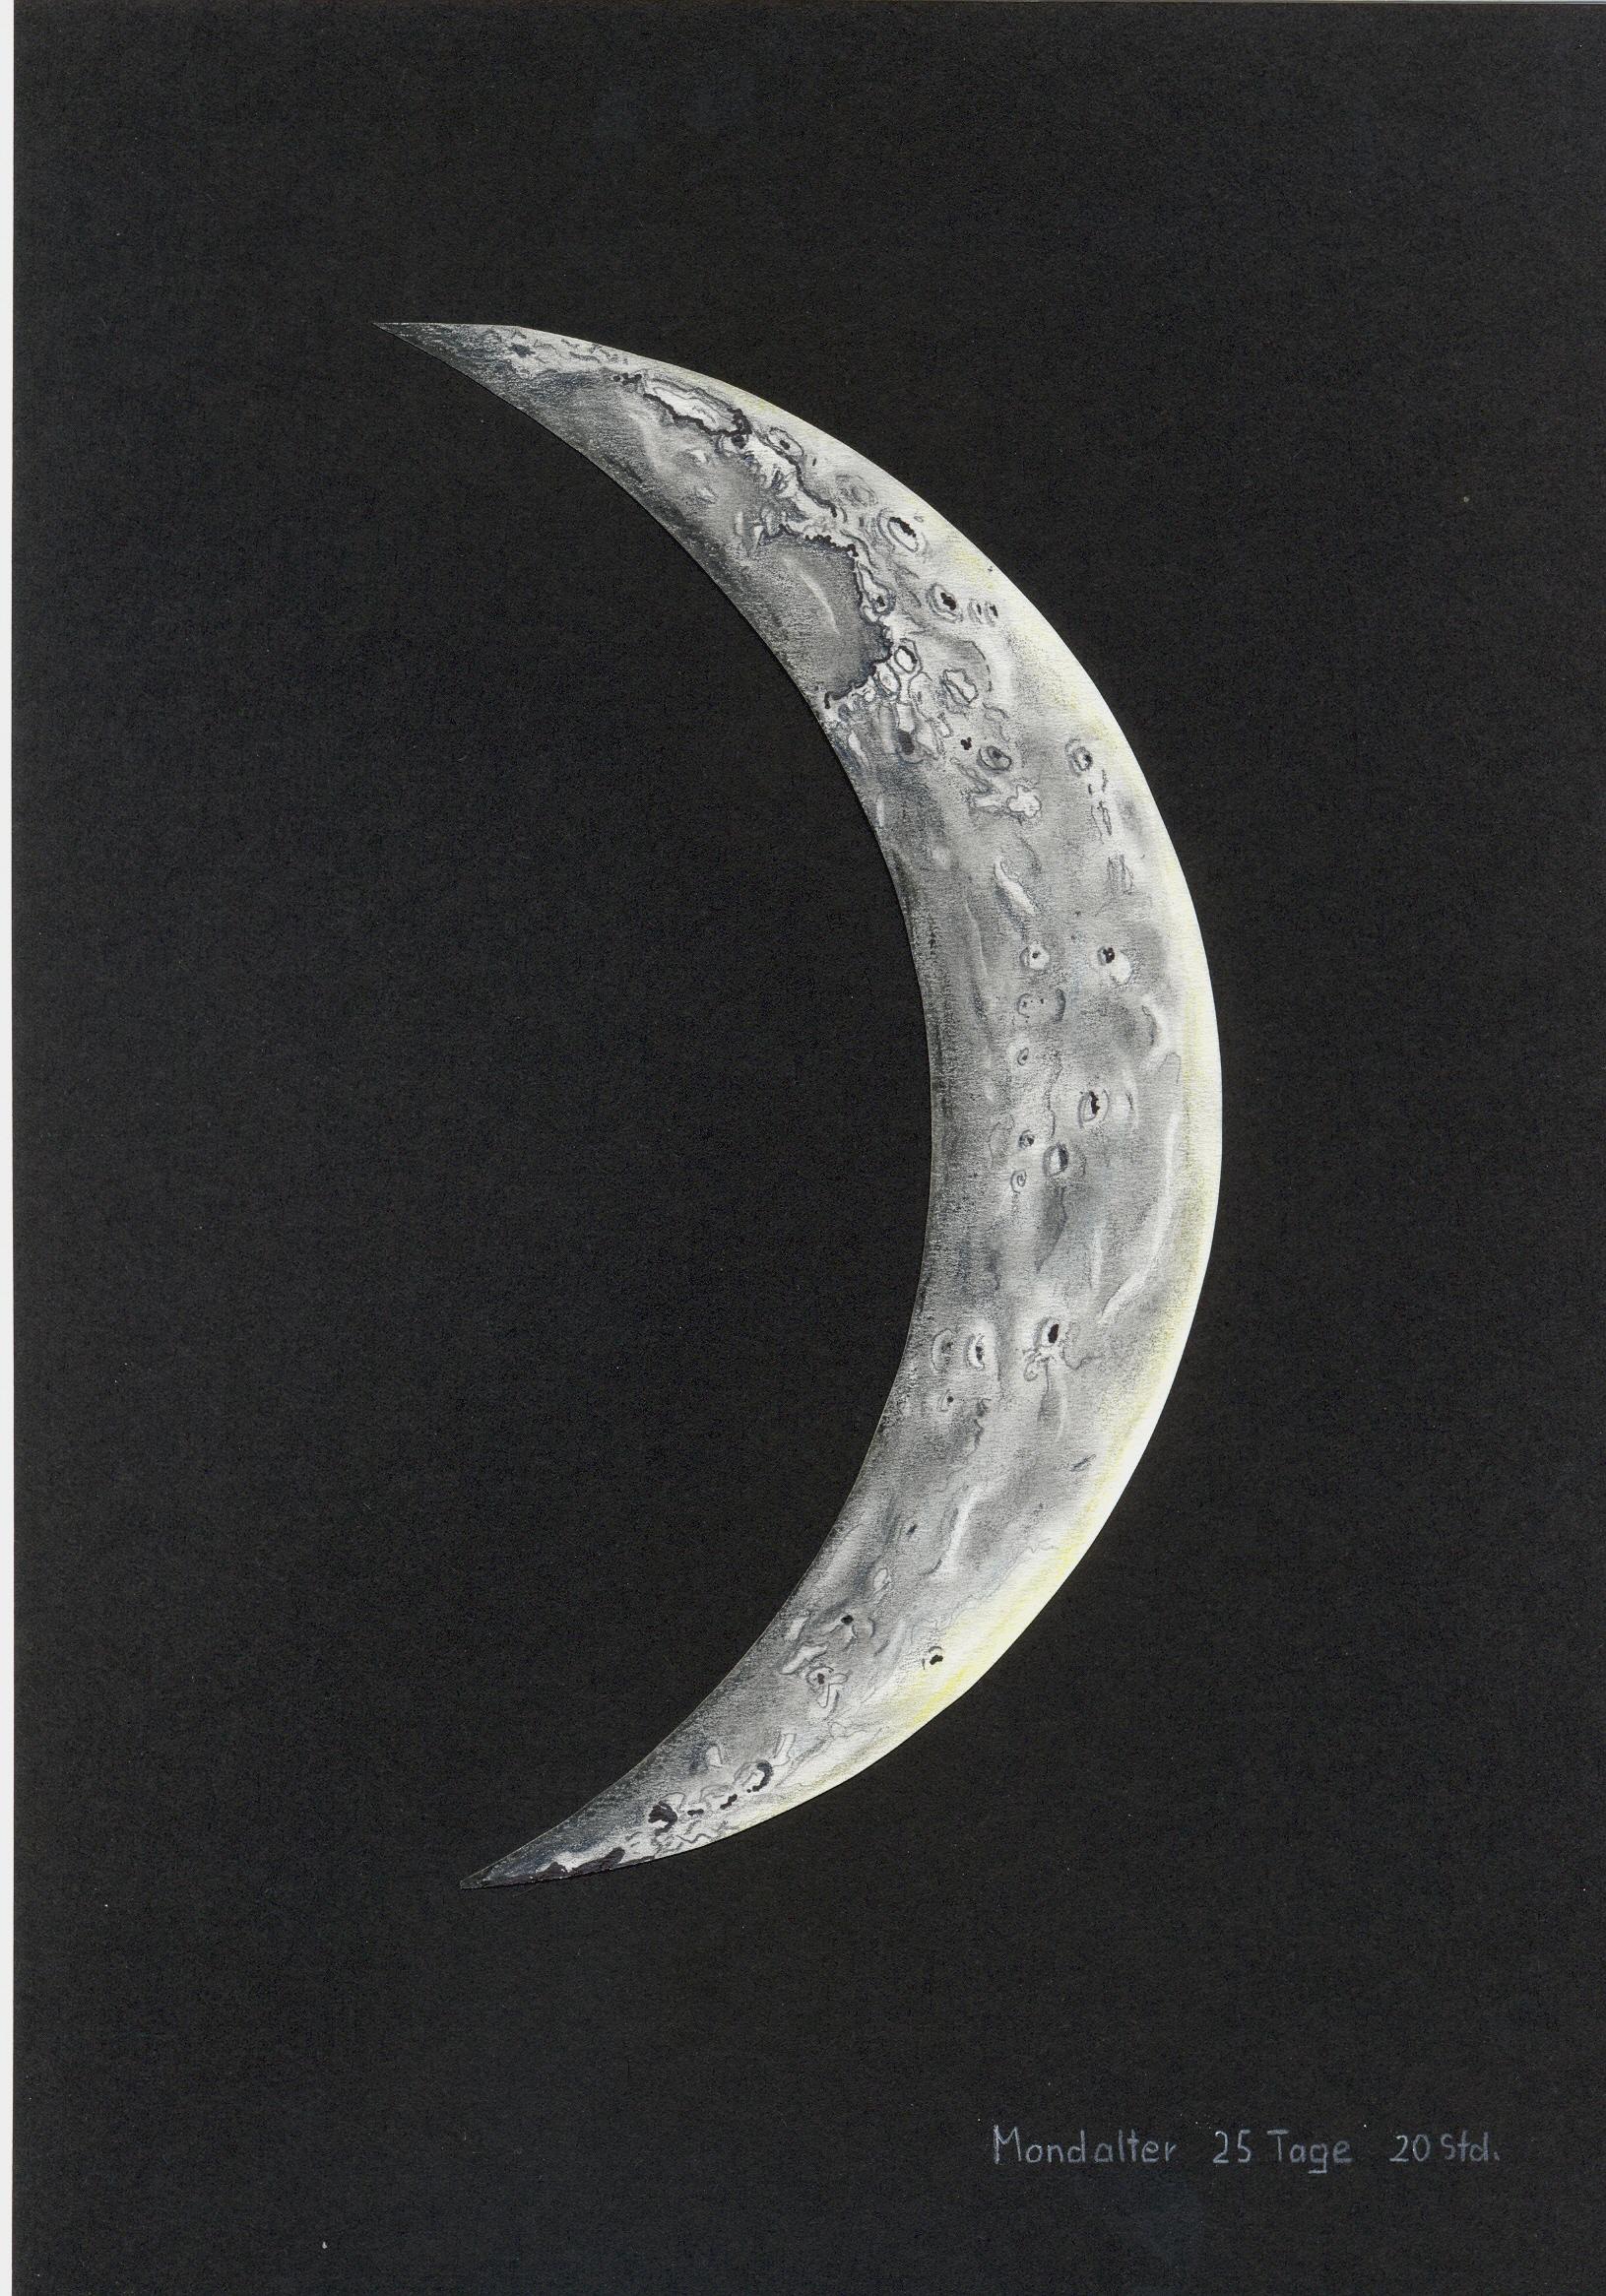 Mond 25 Tage 20 Stunden